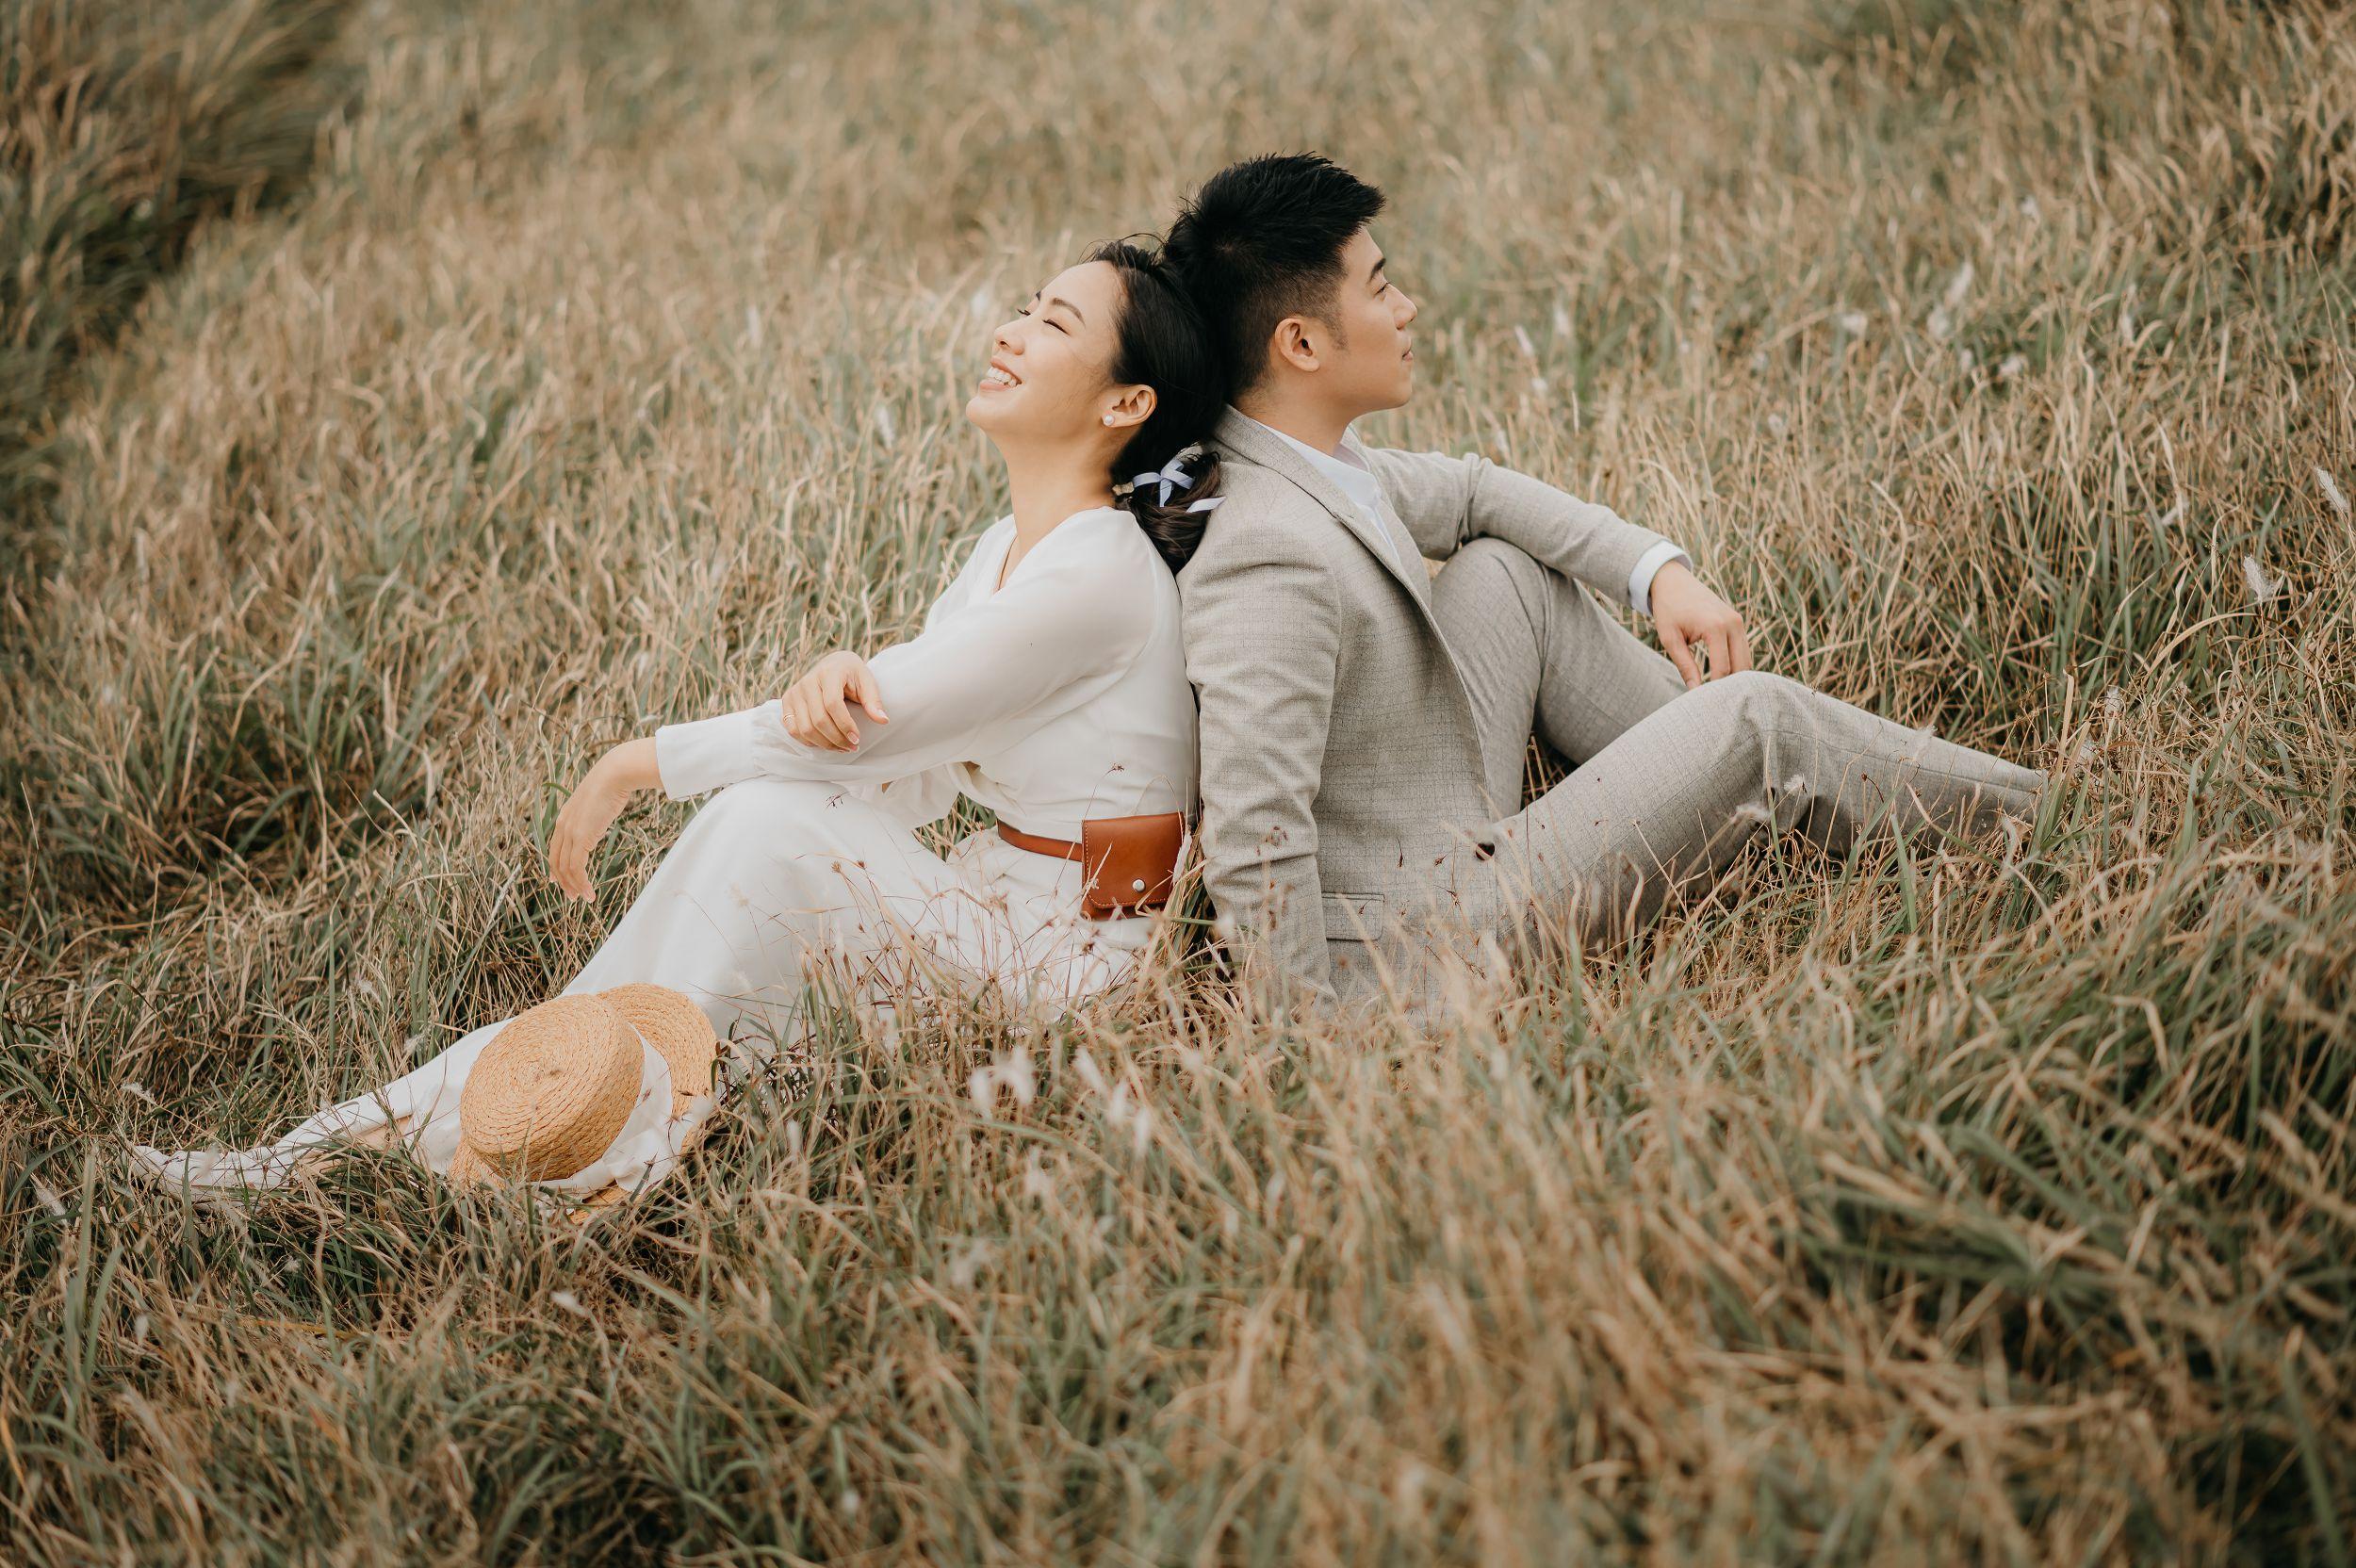 貳月婚紗,攝影師,婚紗外拍,婚紗包套,造型師,台北婚紗,淡水,海邊,故宮,白紗,西服,美式婚紗,瓜瓜造型師,